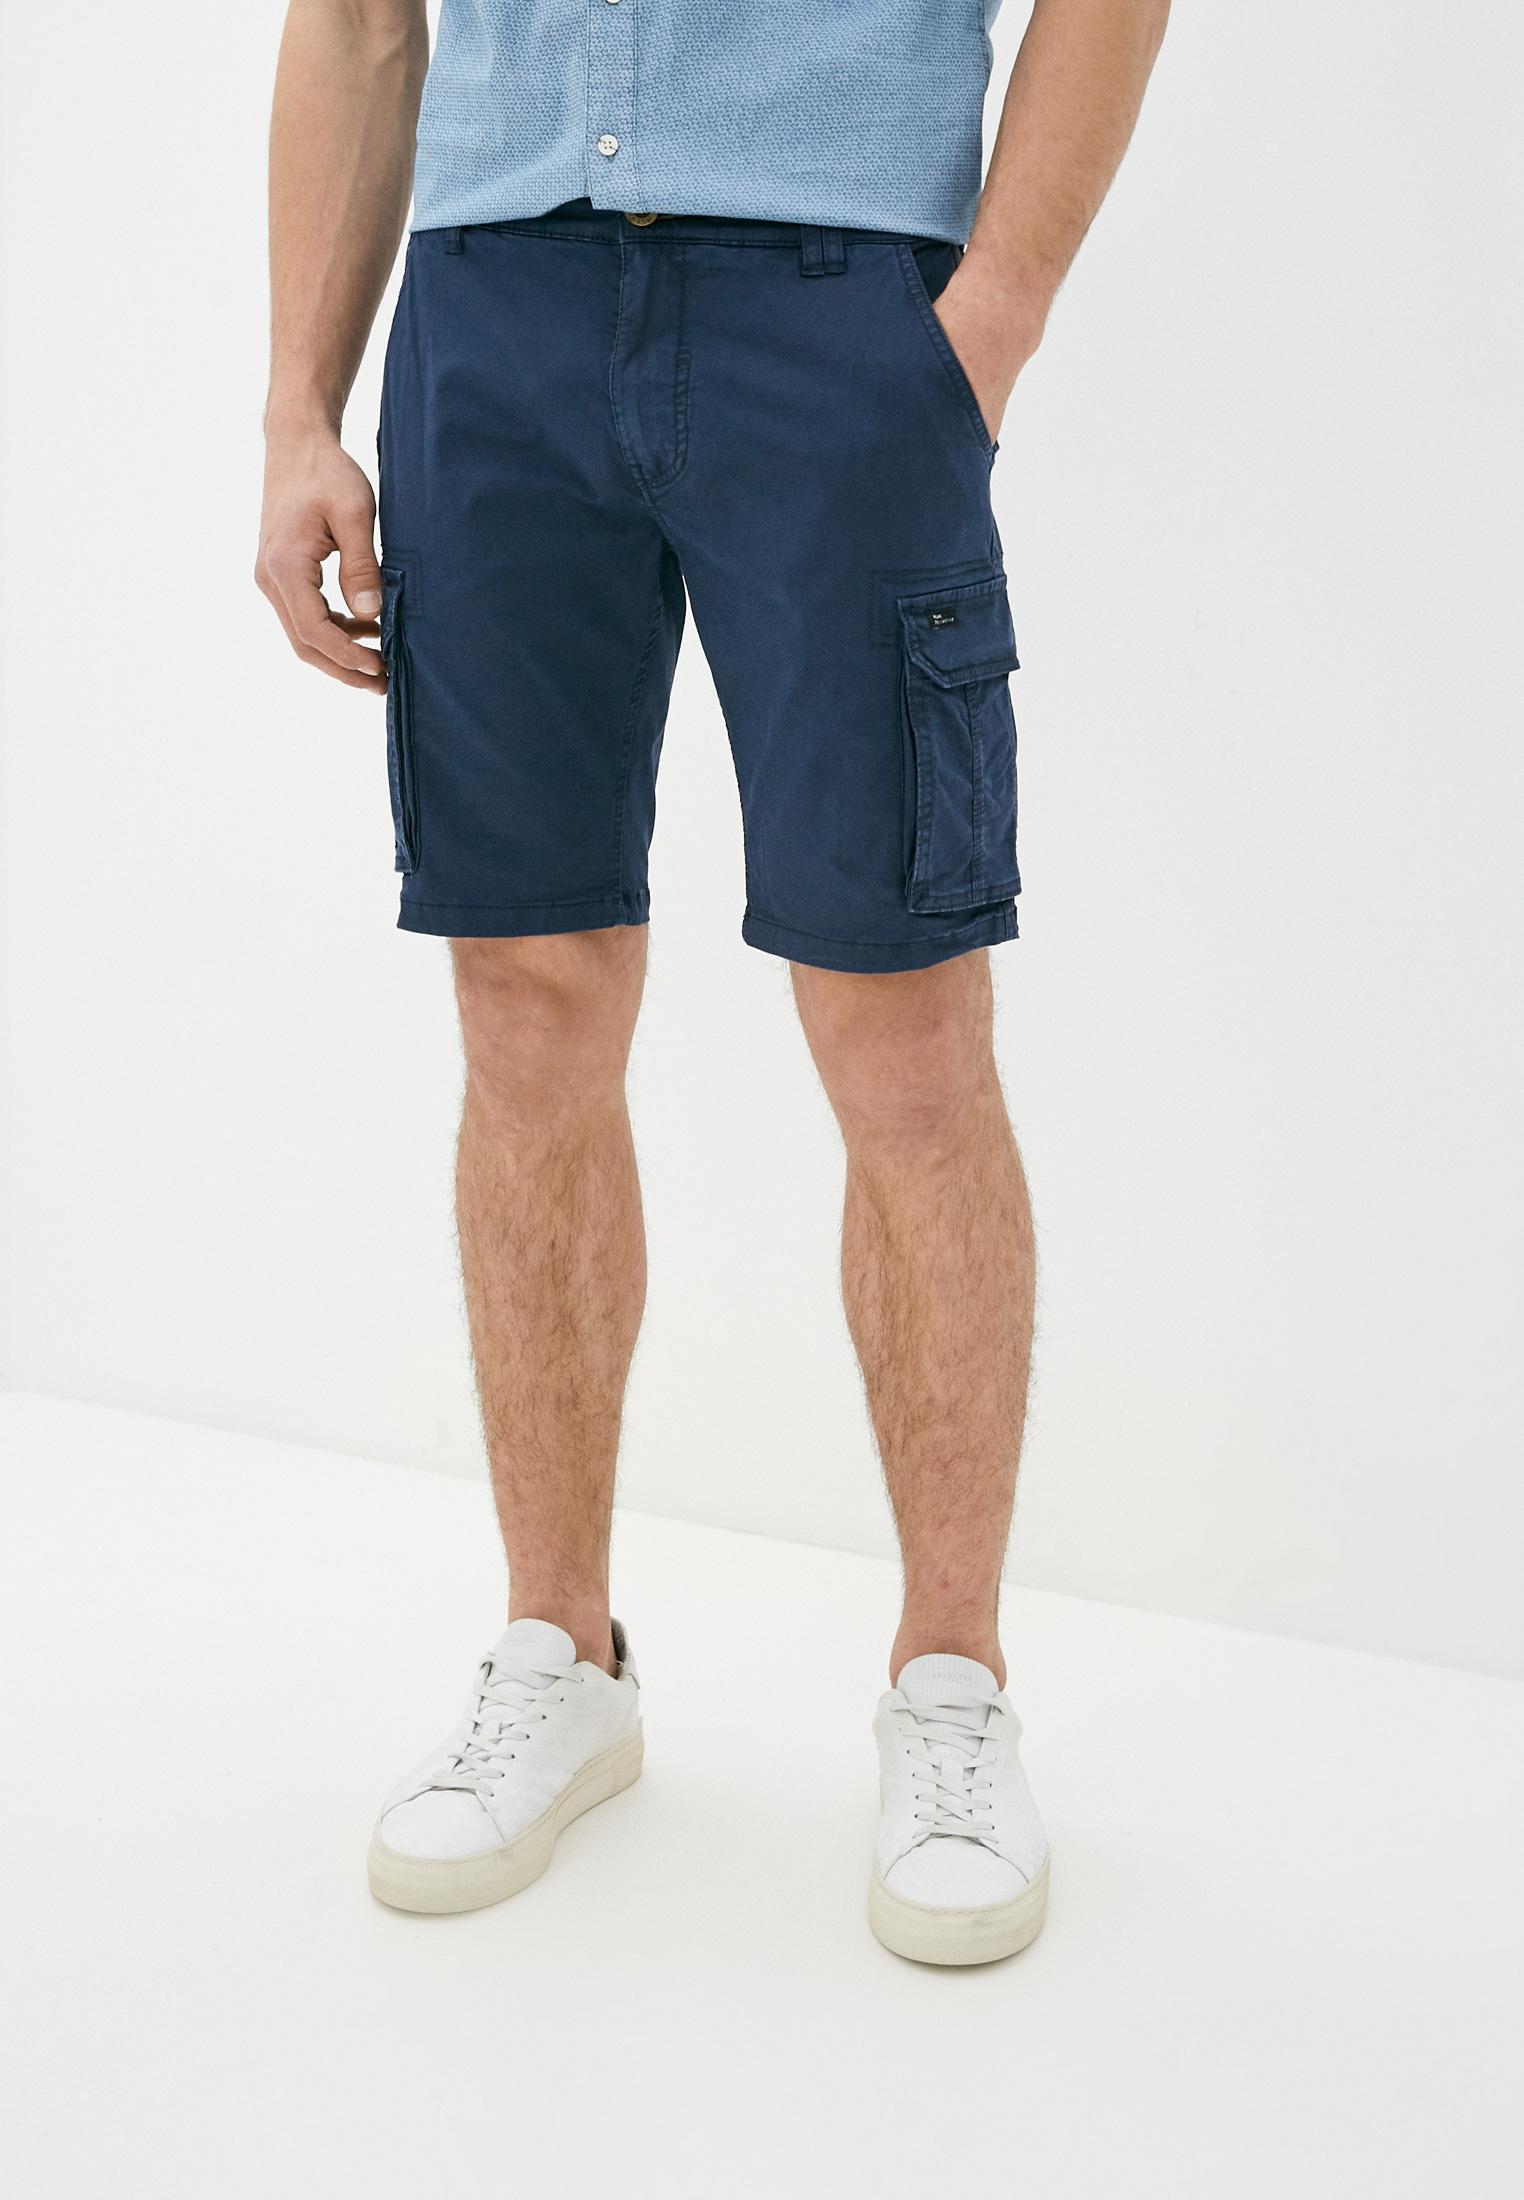 Мужские повседневные шорты Blend (Бленд) Шорты Blend